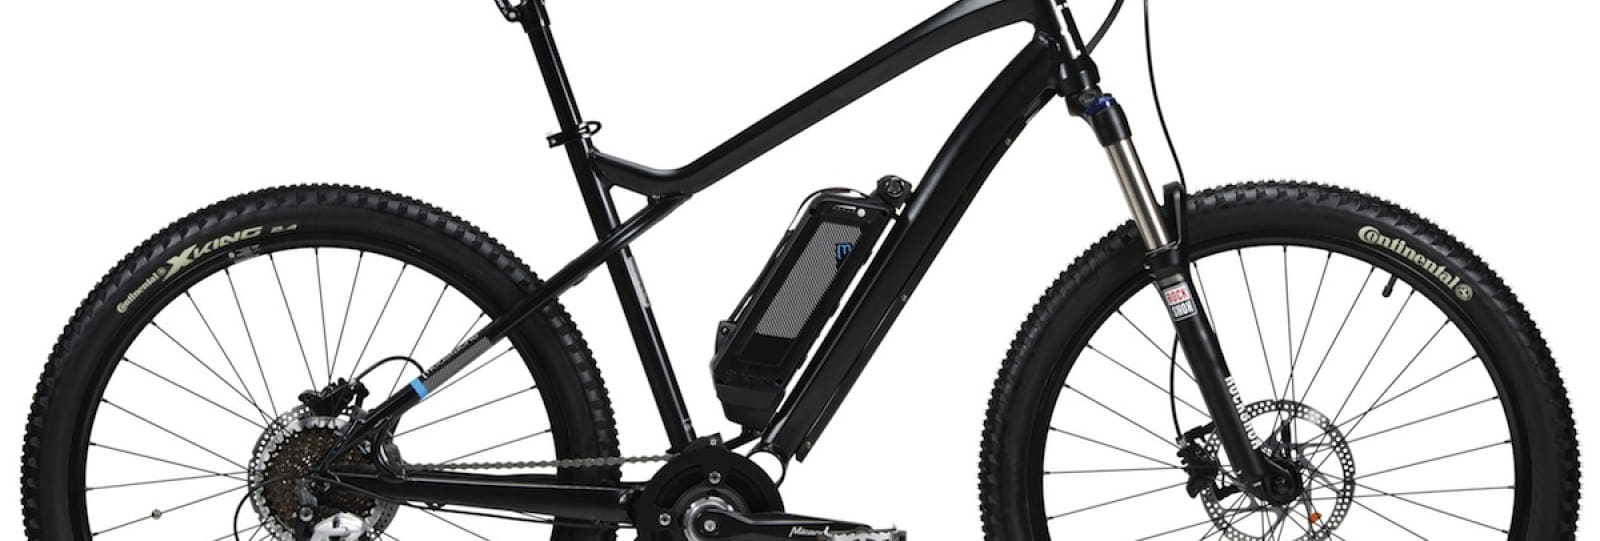 'Traces et Sentiers' : Vermietung und Fehlerbehebung von Fahrräder